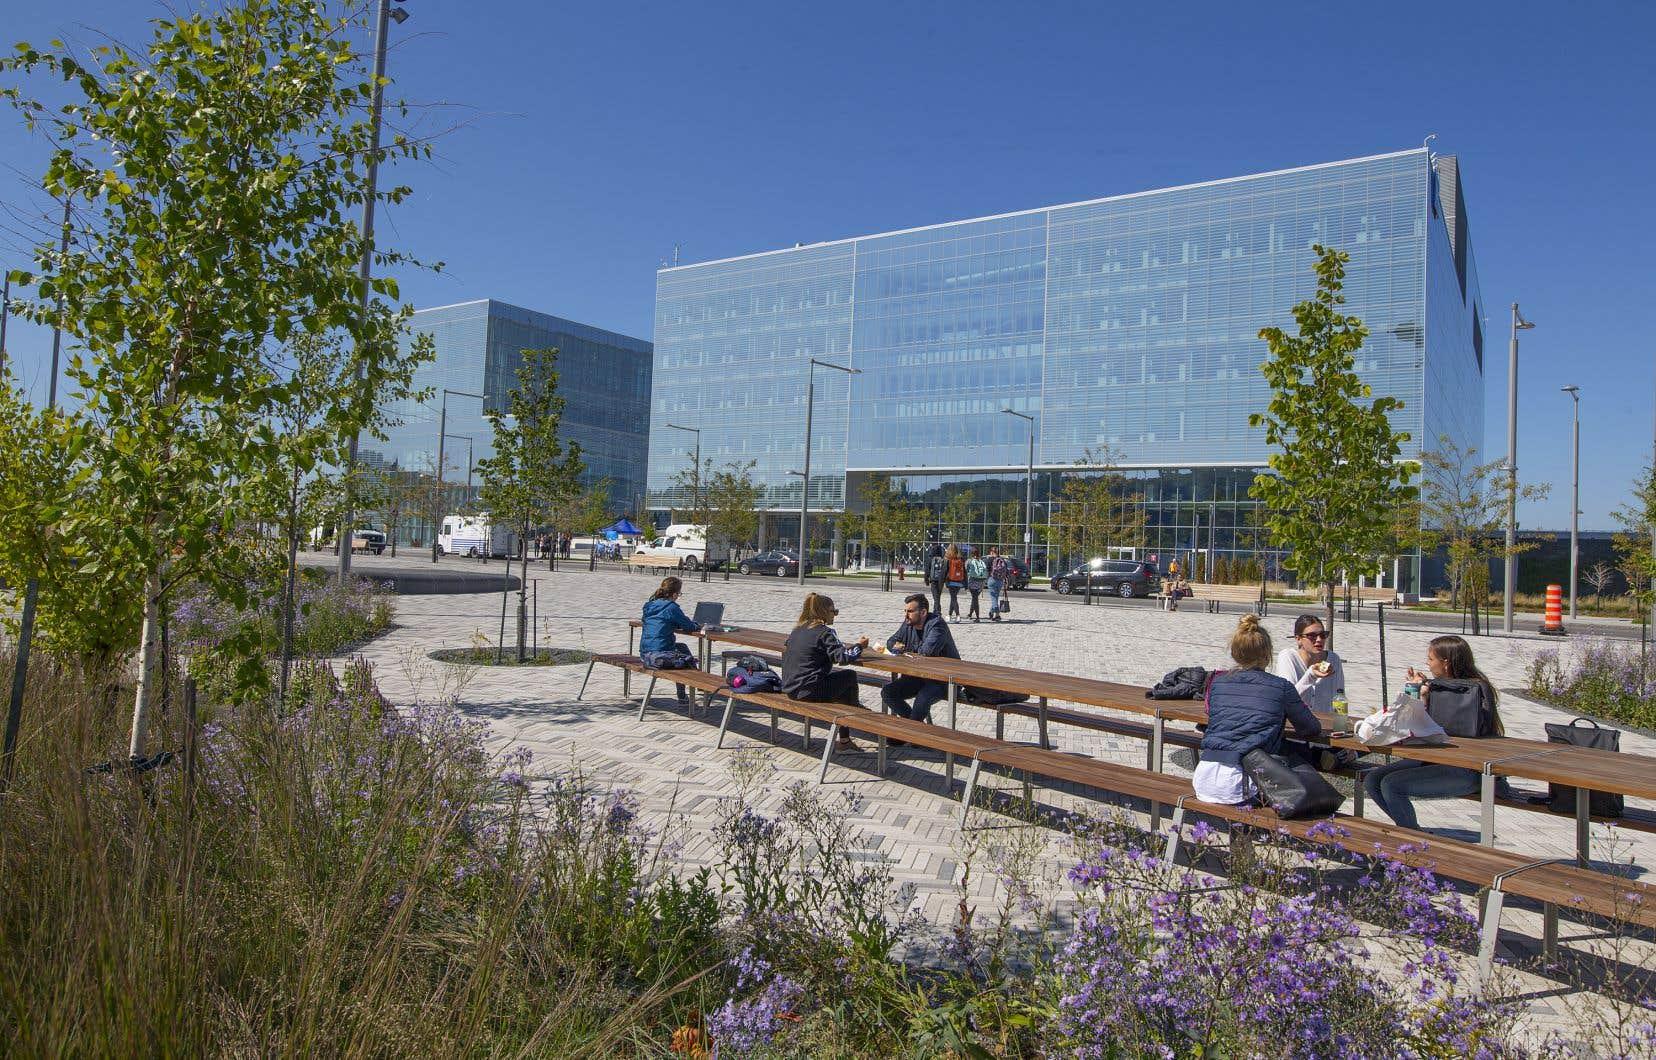 Le nouveau campus se distingue par son importante contribution au développement environnemental et économique de la ville de Montréal.